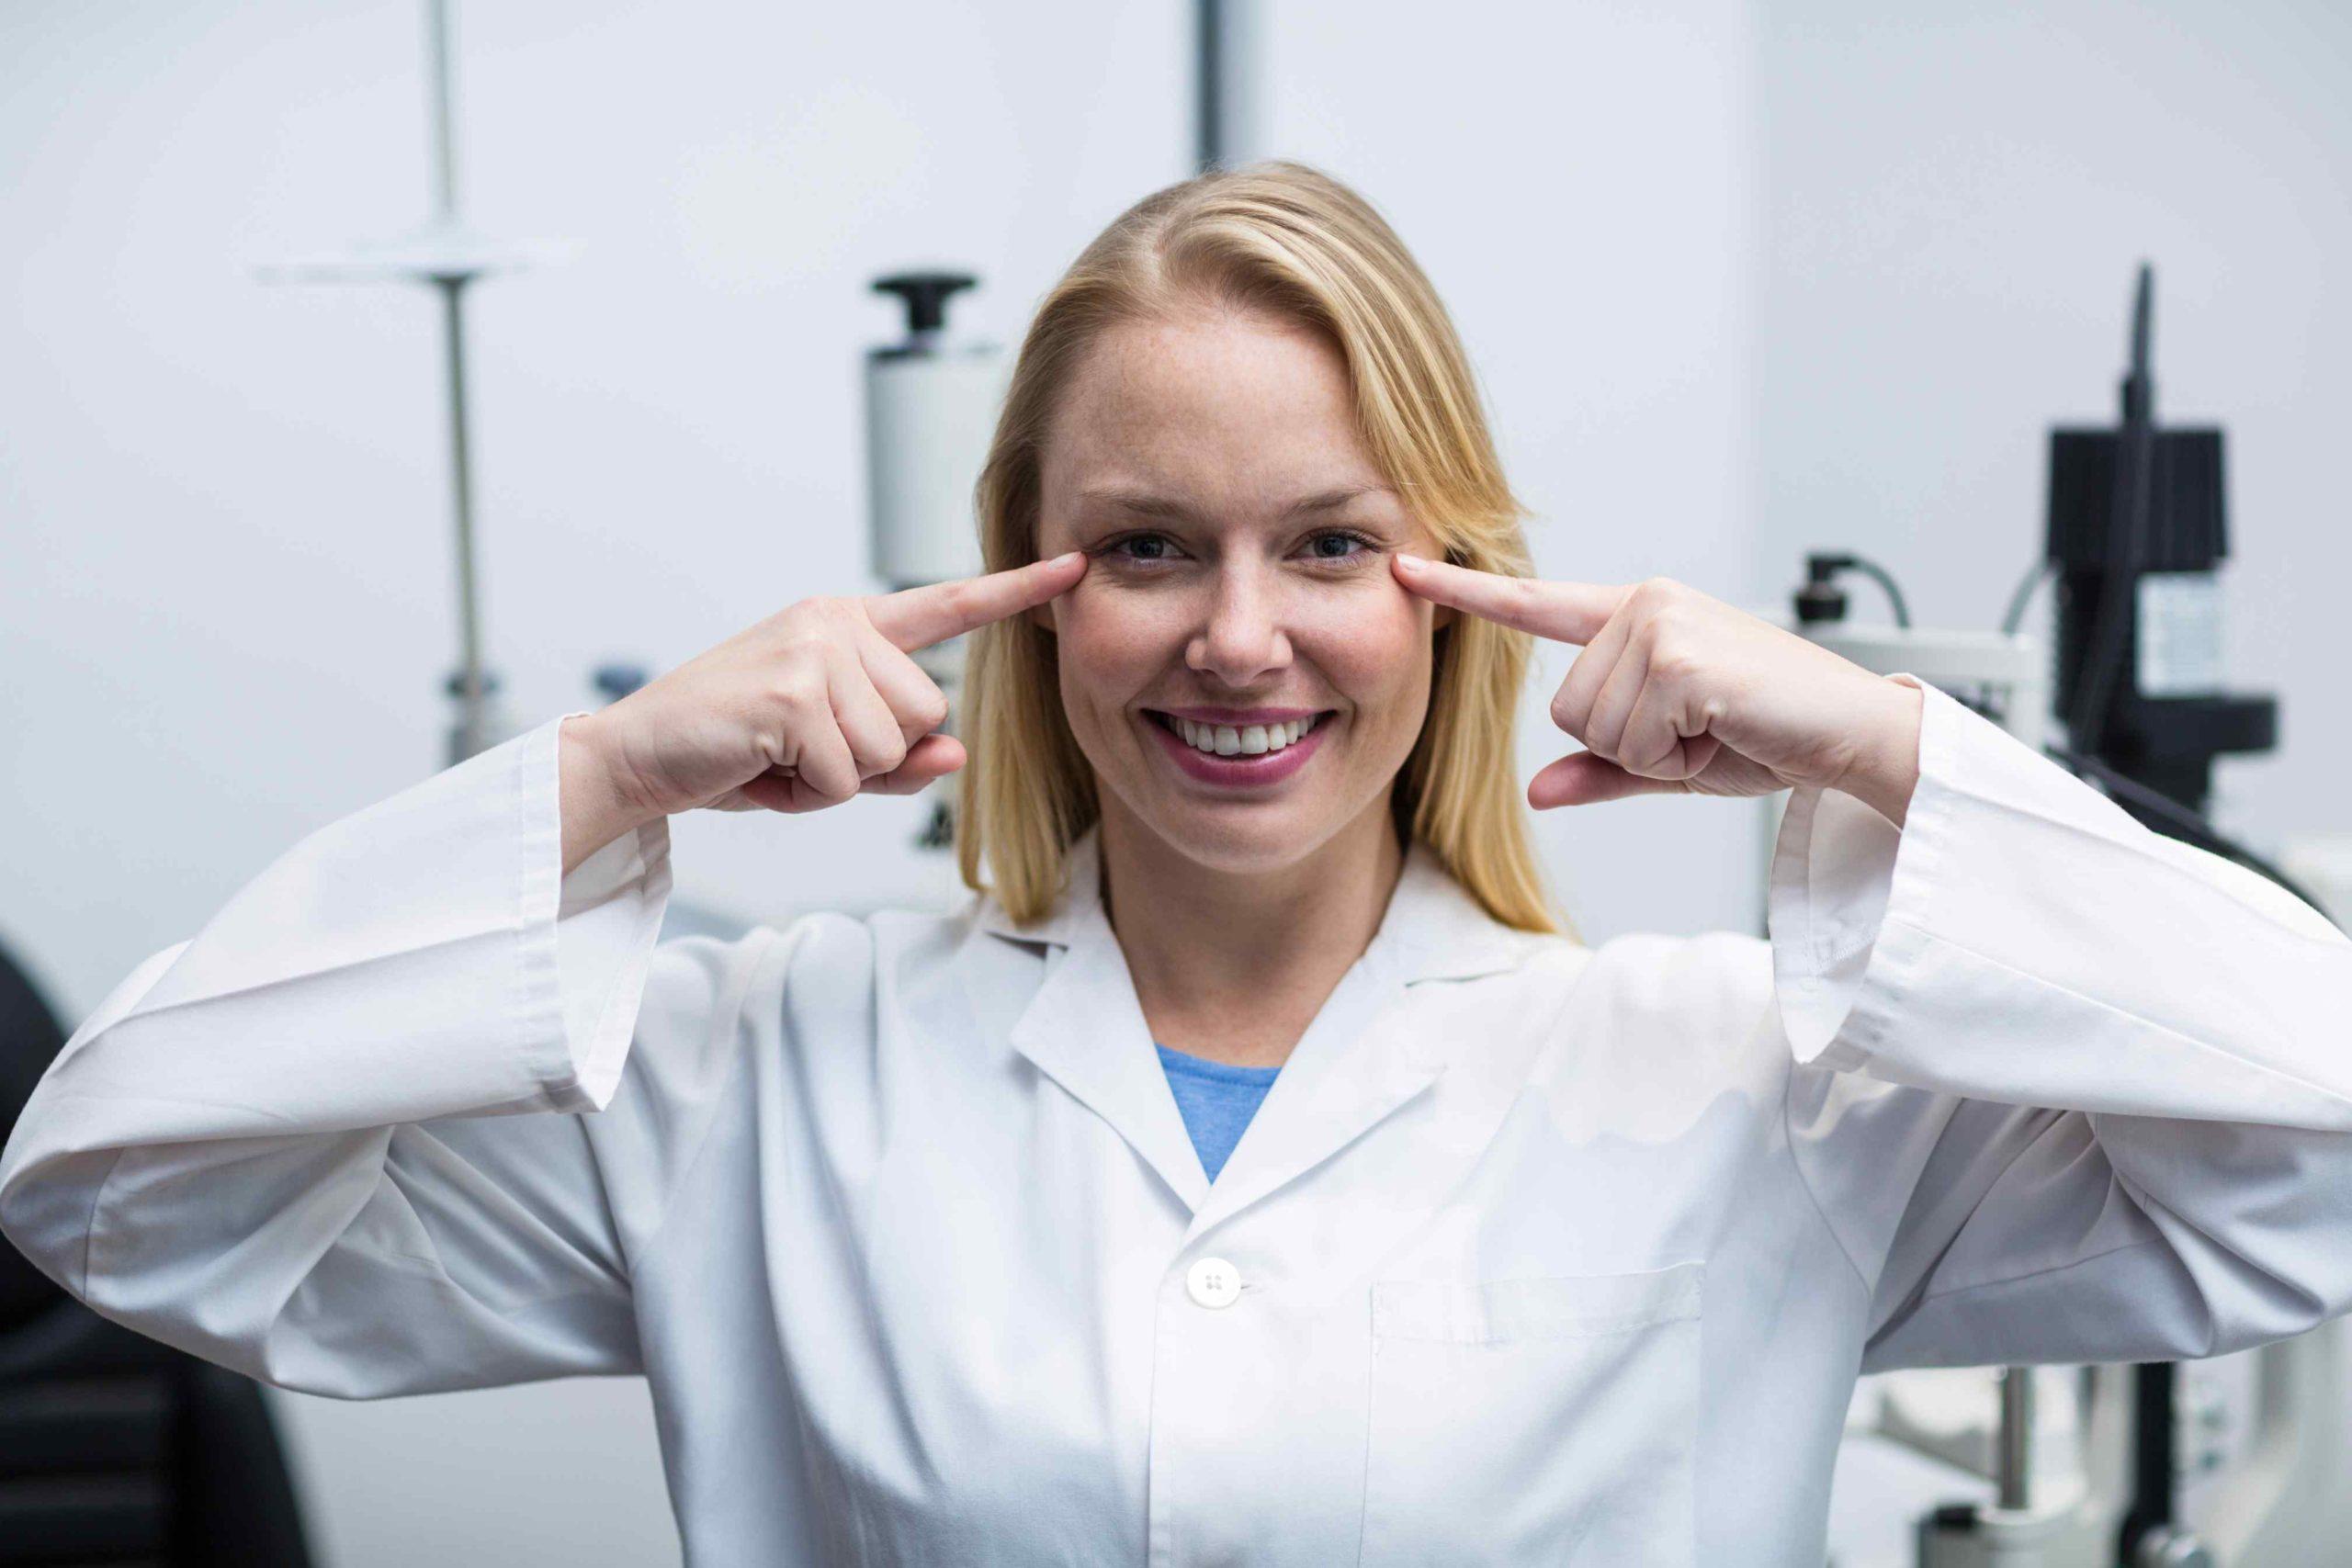 טיפול בבעיות ראיה - מרפאת העיניים EYER CARE